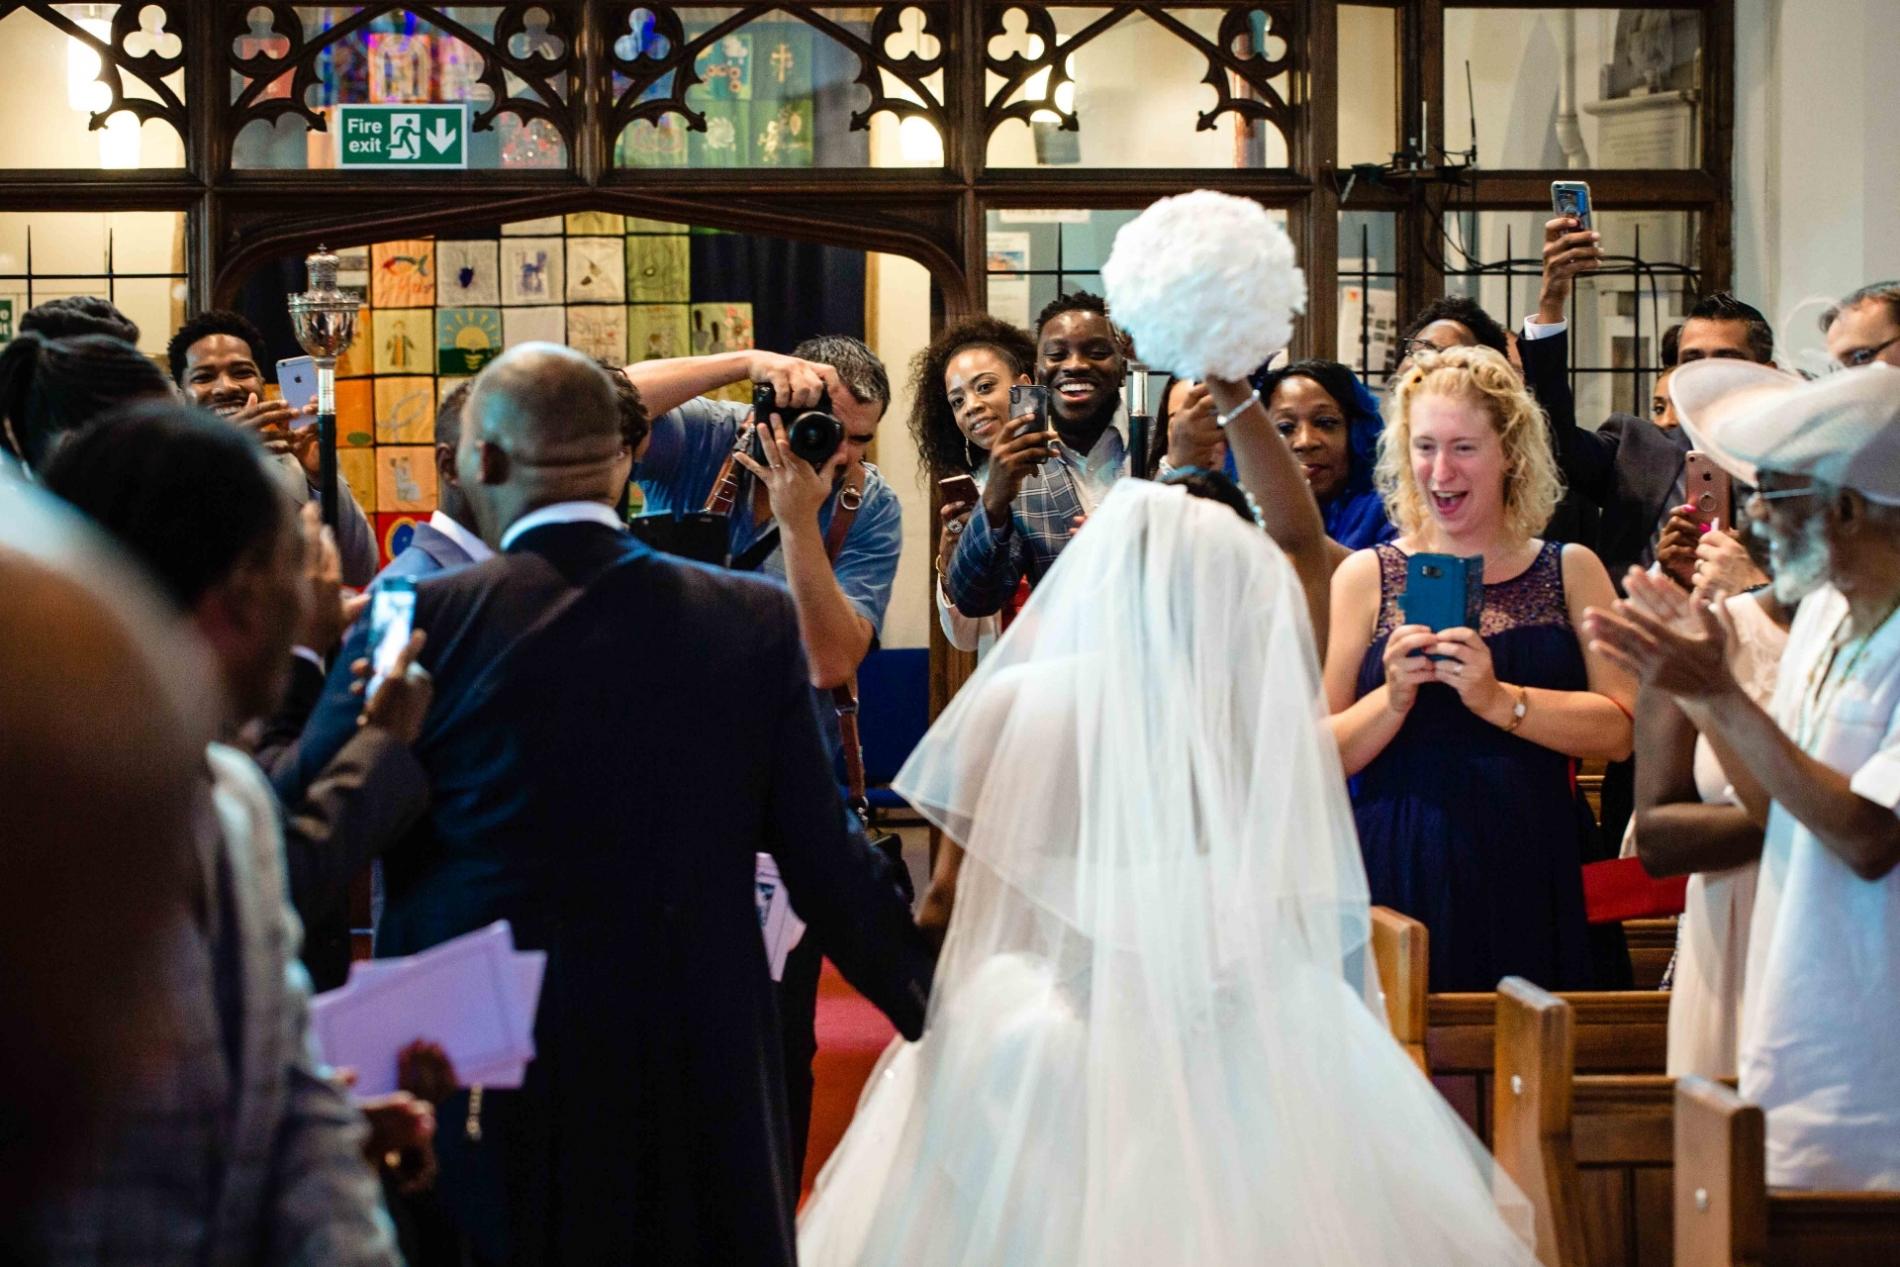 Ealing London Fotograf arbeitet an einer Hochzeit in Großbritannien.